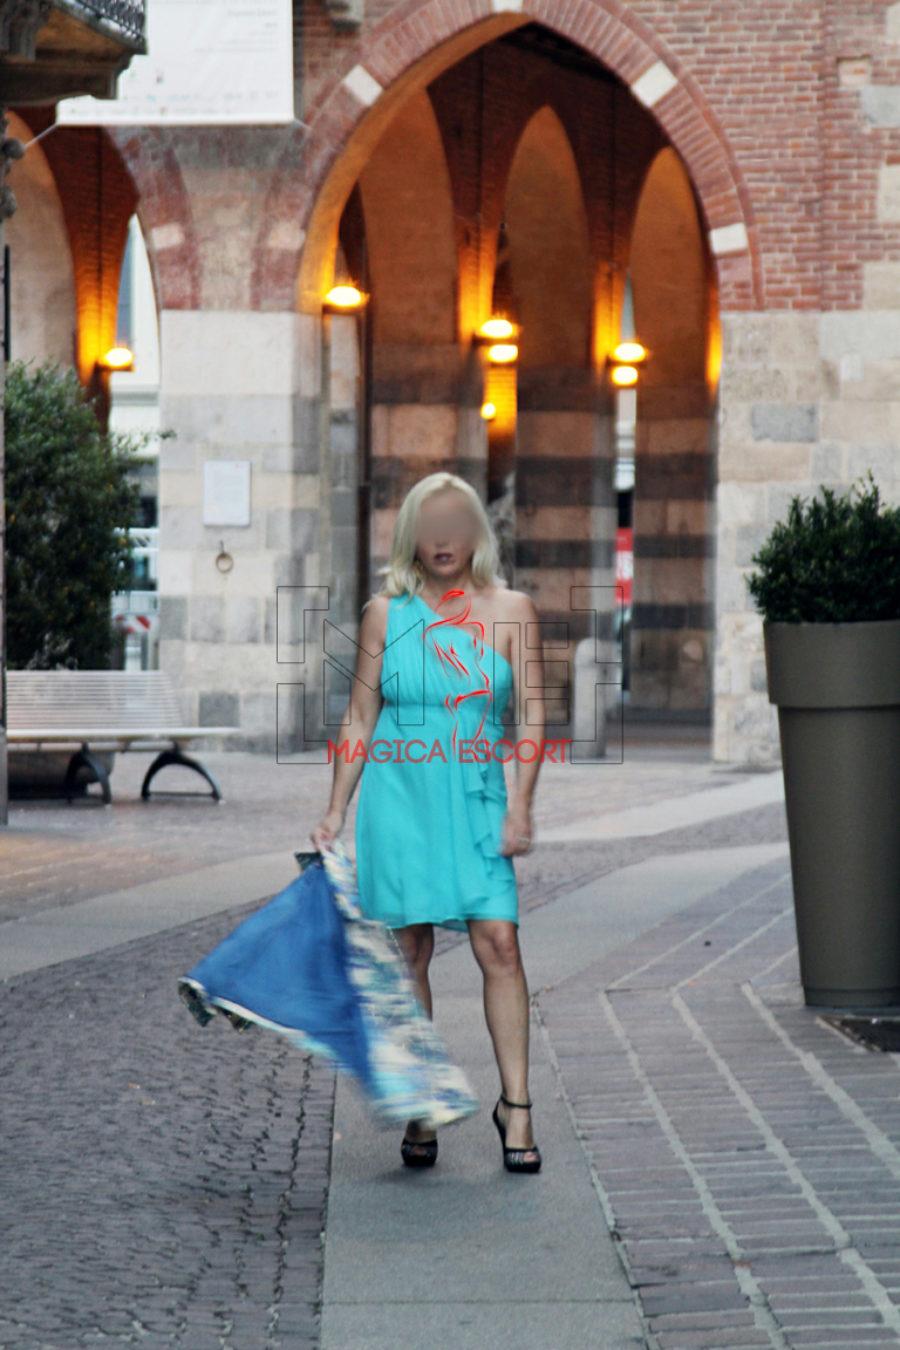 Lea escort Monza fotografata come fosse una turista con uno splendido abito turchese.